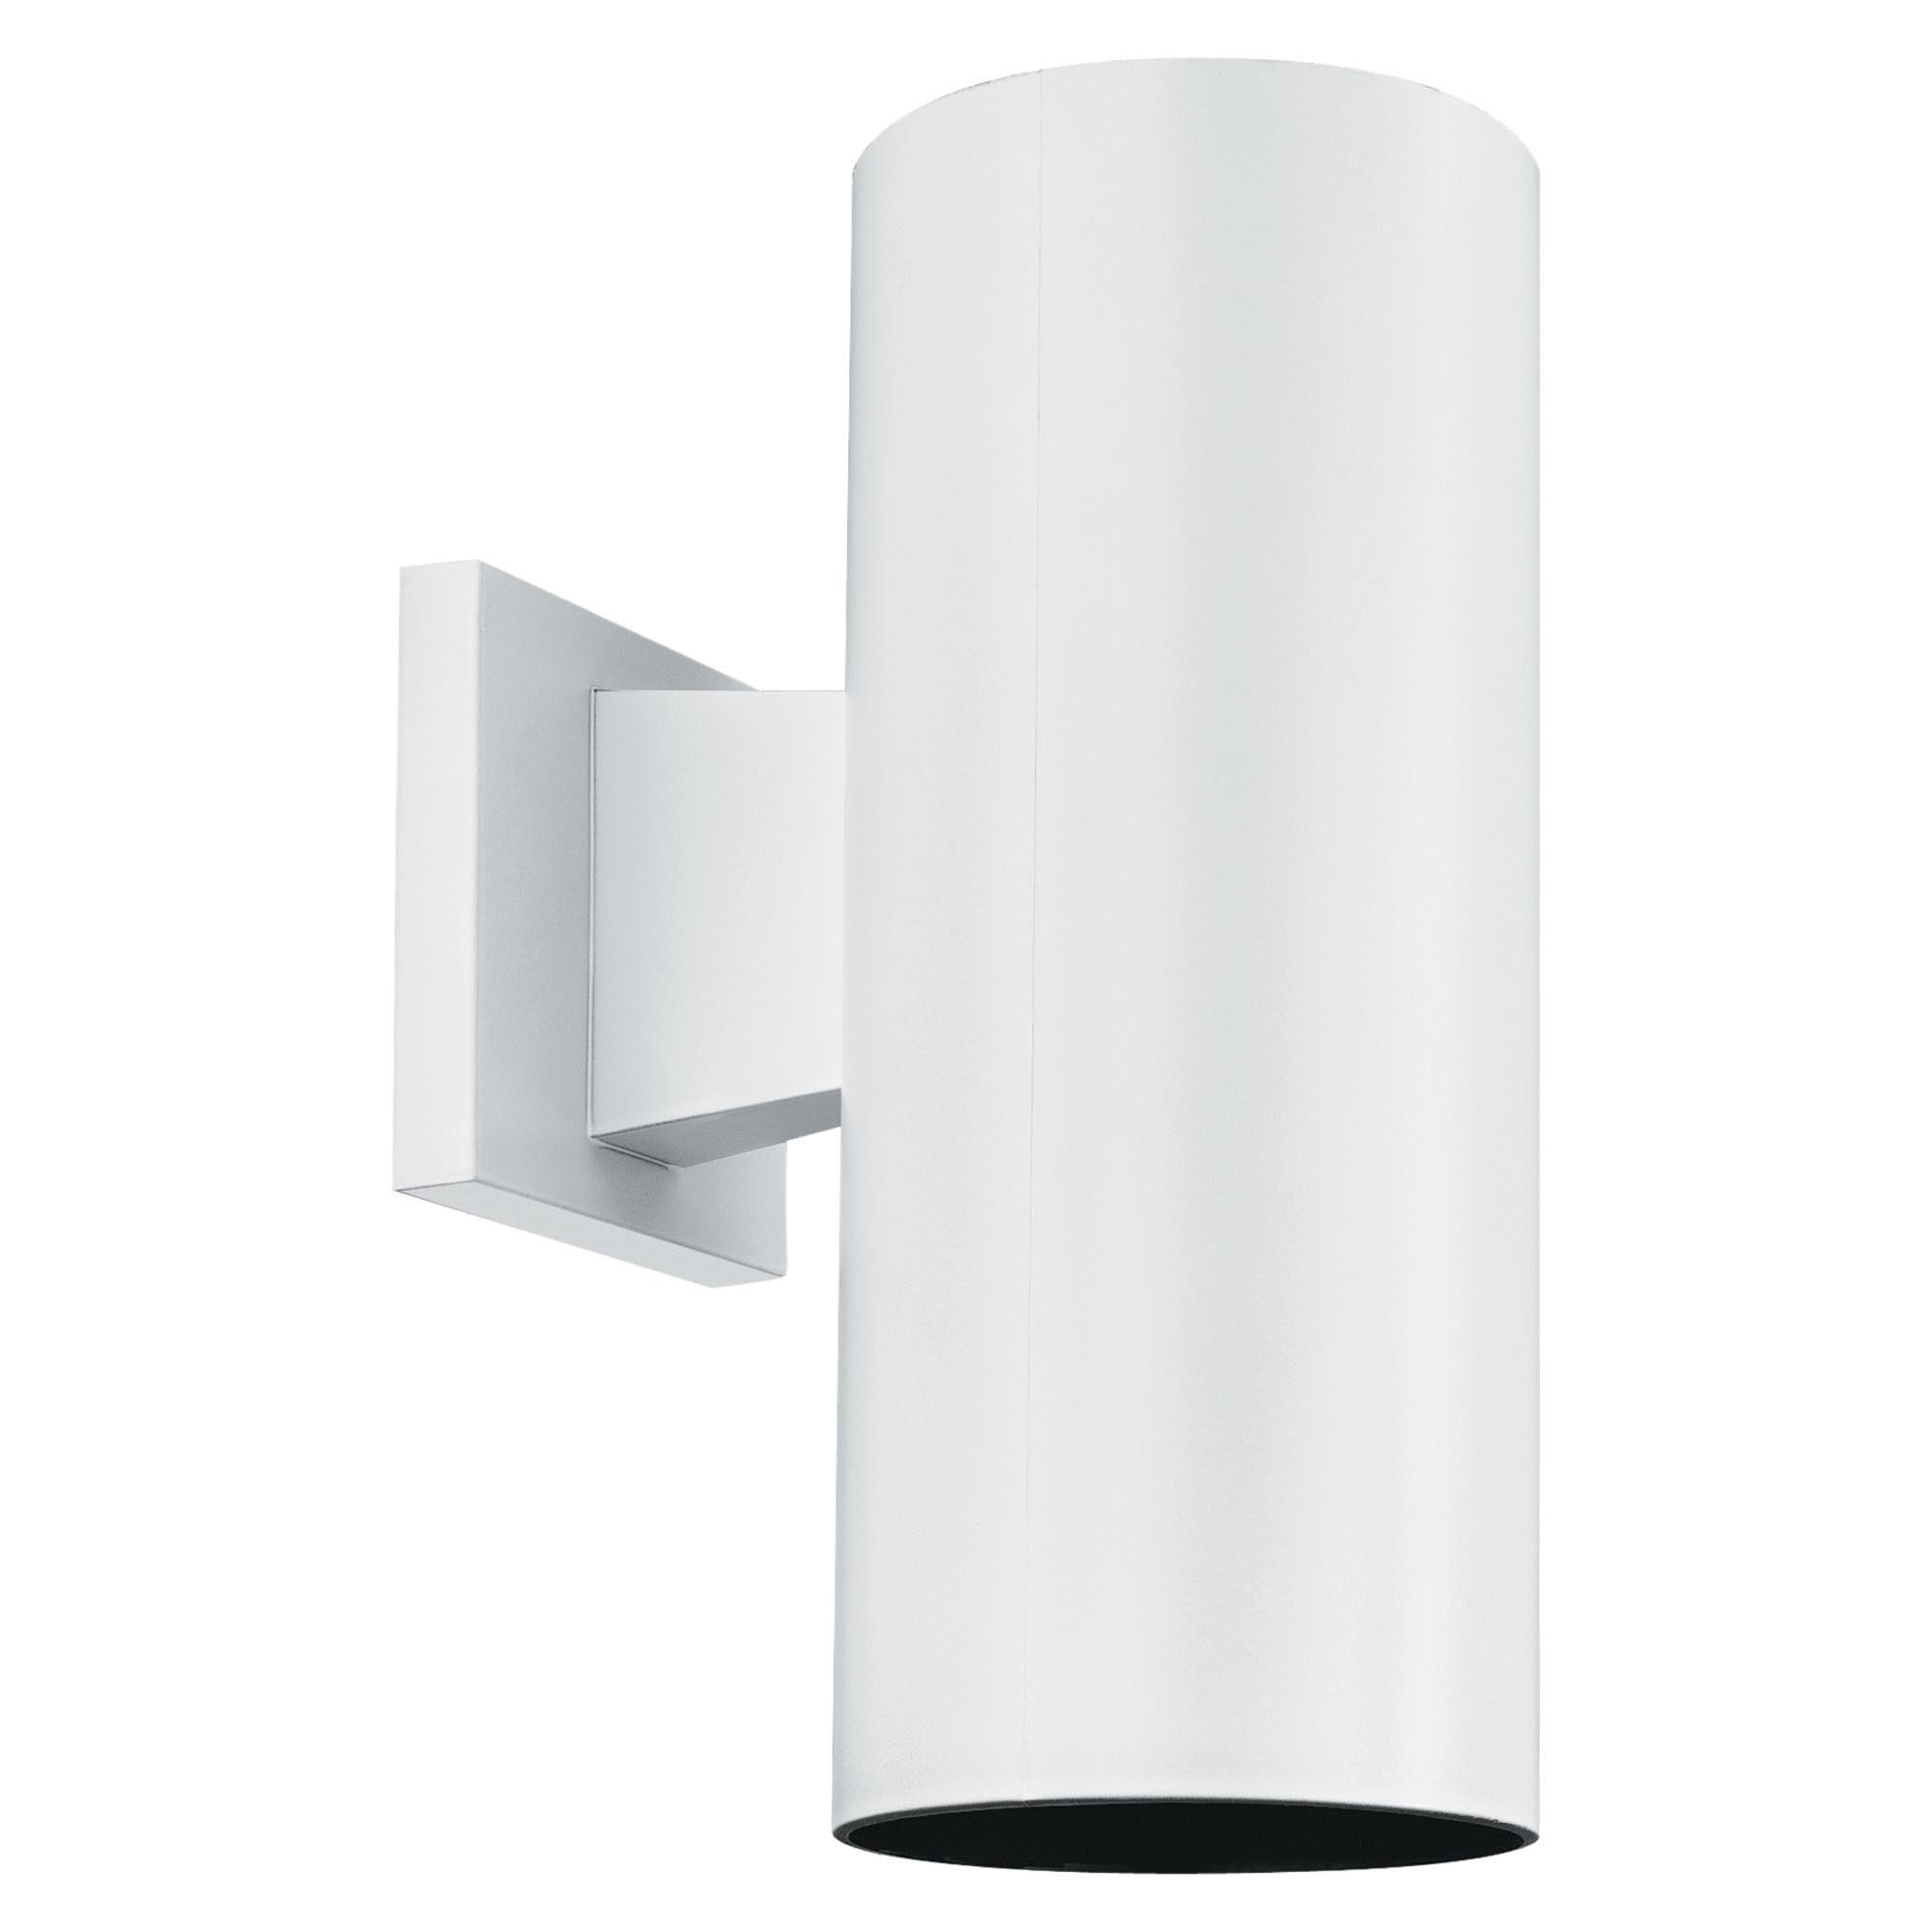 White Plastic Outdoor Light Fixtures • Outdoor Lighting Inside Plastic Outdoor Wall Light Fixtures (#15 of 15)